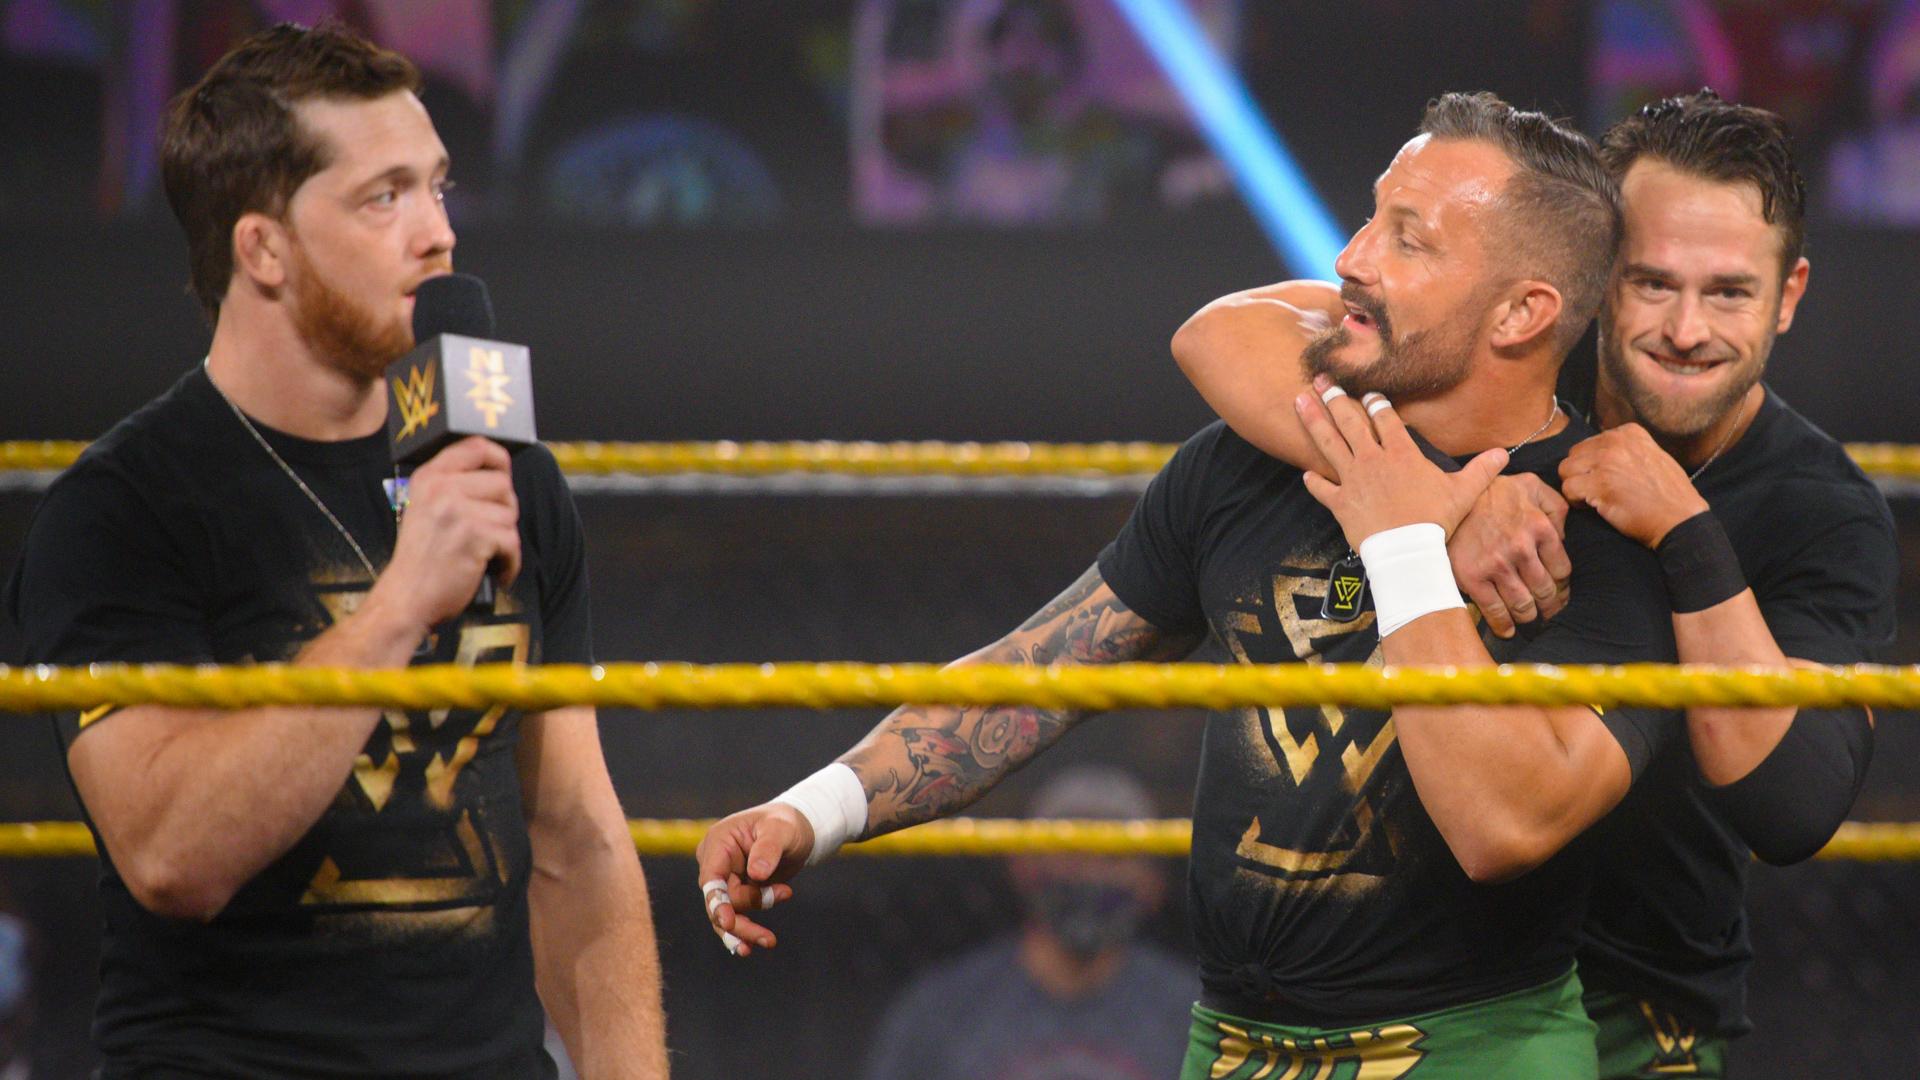 Combate por título é anunciado para o próximo WWE NXT